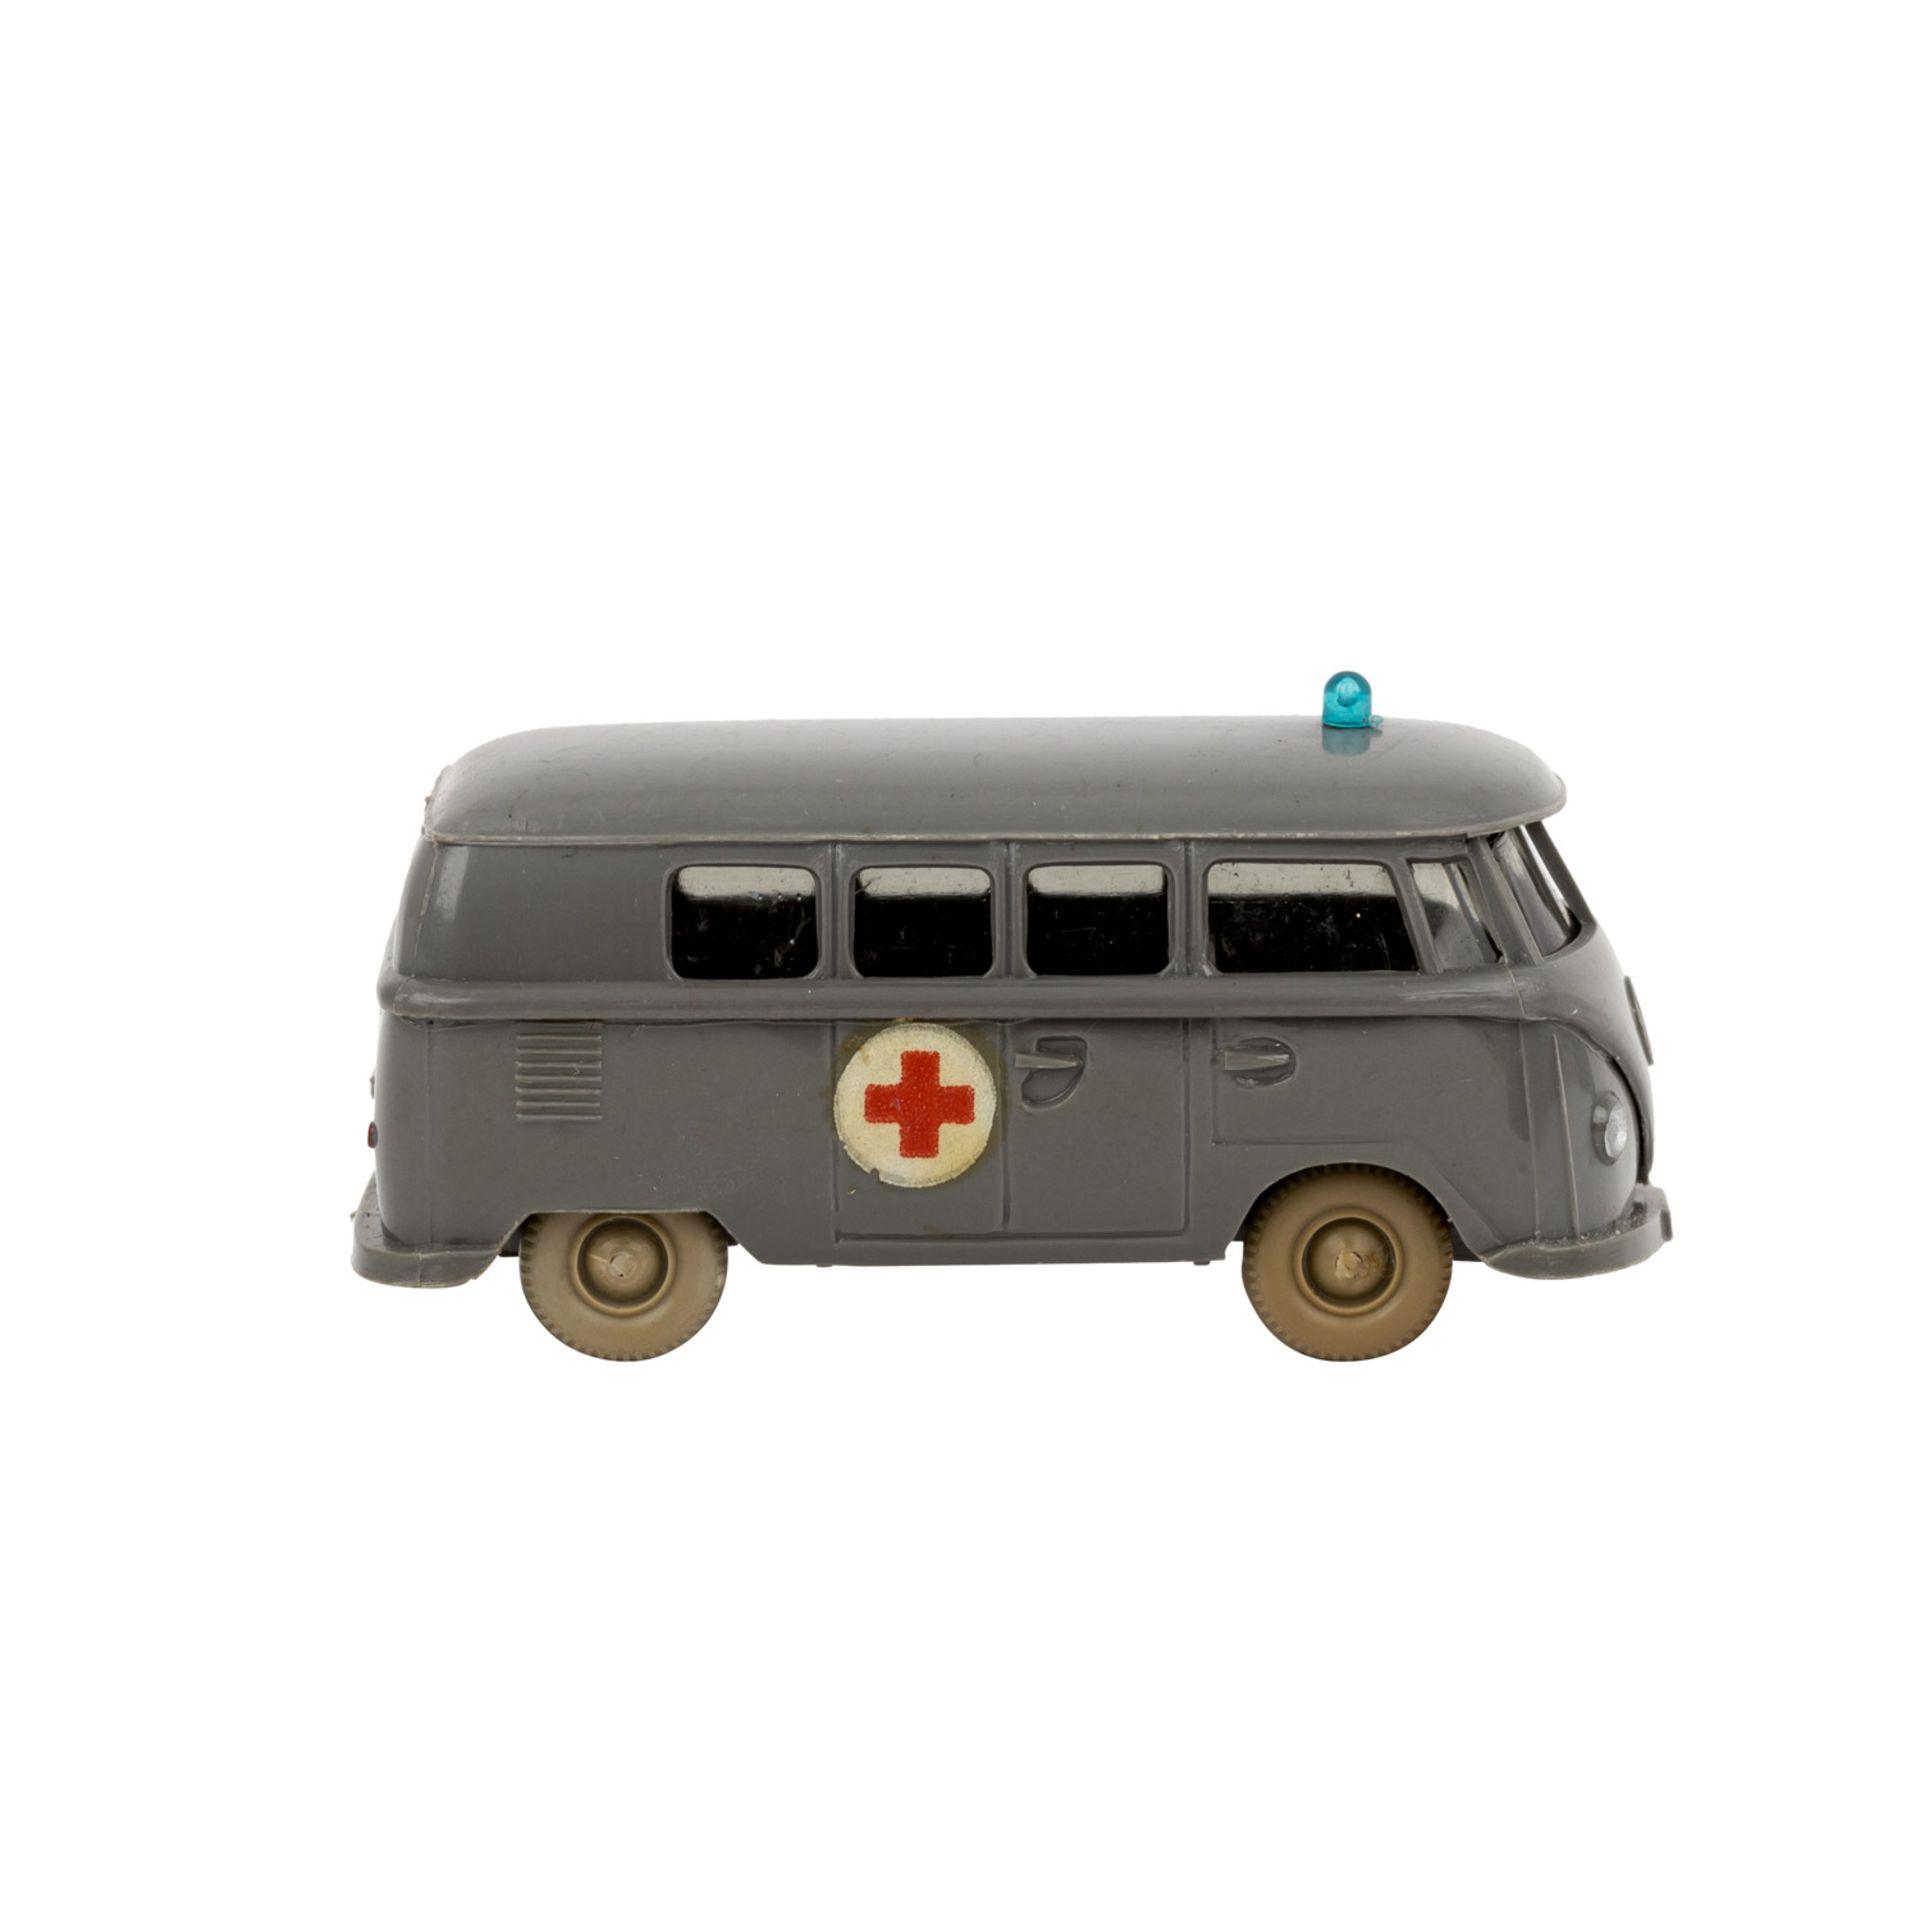 WIKING VW Bus 'T1, Rotkreuz', 1961-65,staubgraue Karosserie, 'Rotkreuz'-Emblem als Abz - Image 4 of 5